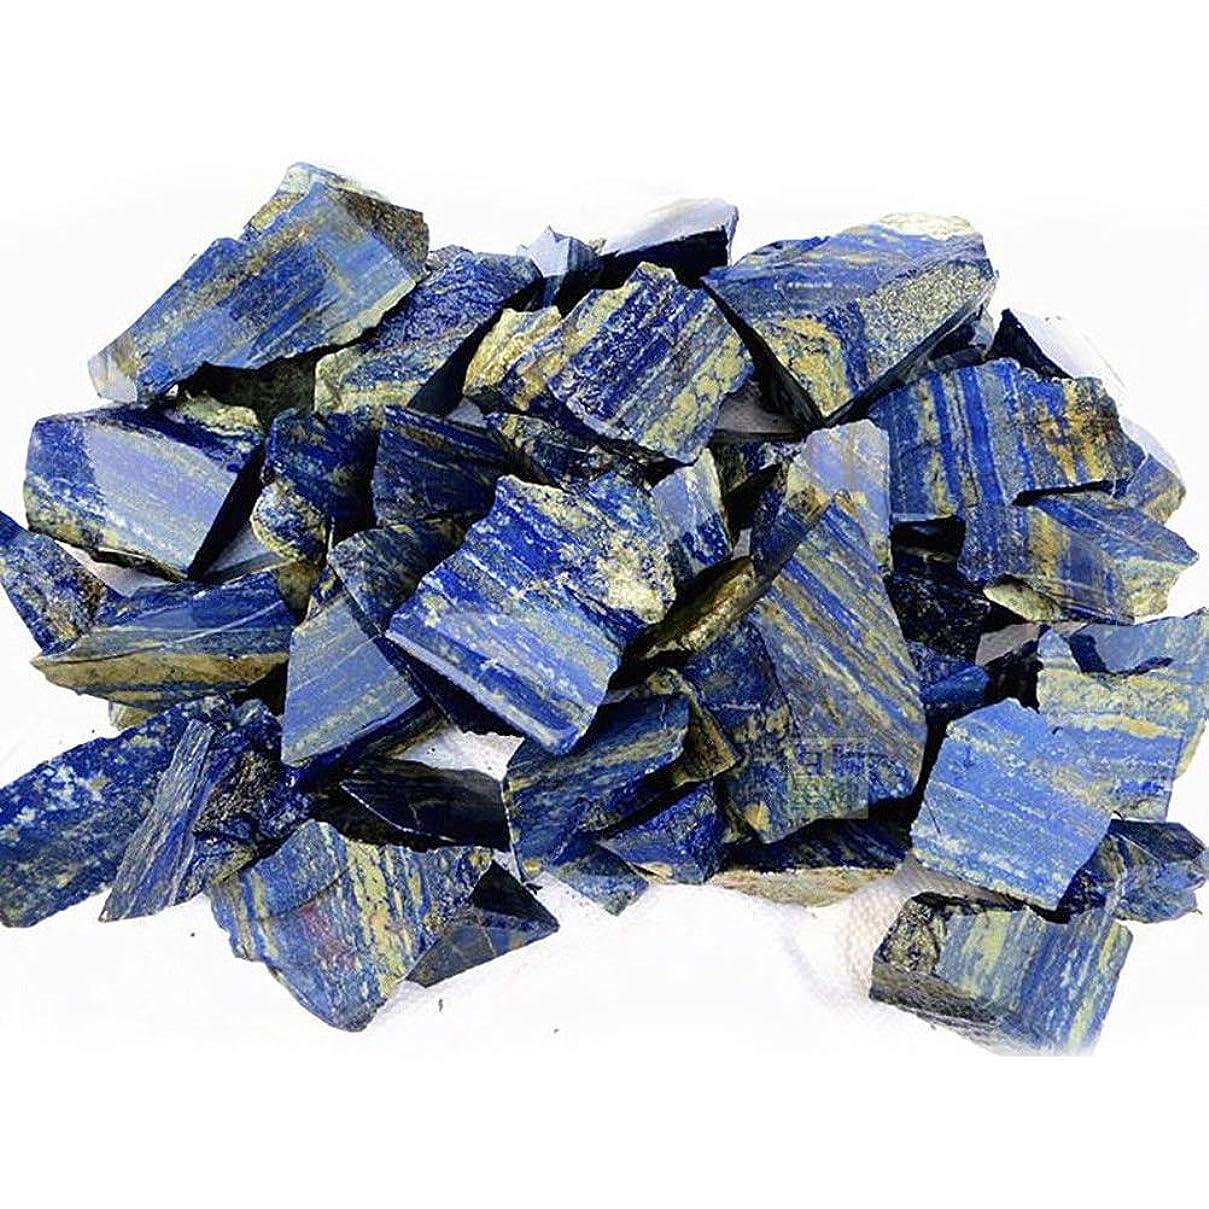 改善する望む借りるVosarea 100グラムナチュラルラピスラズリタンブルストーンヒーリングレイキクリスタルジュエリー作りホームデコレーションdiy材料宝石石